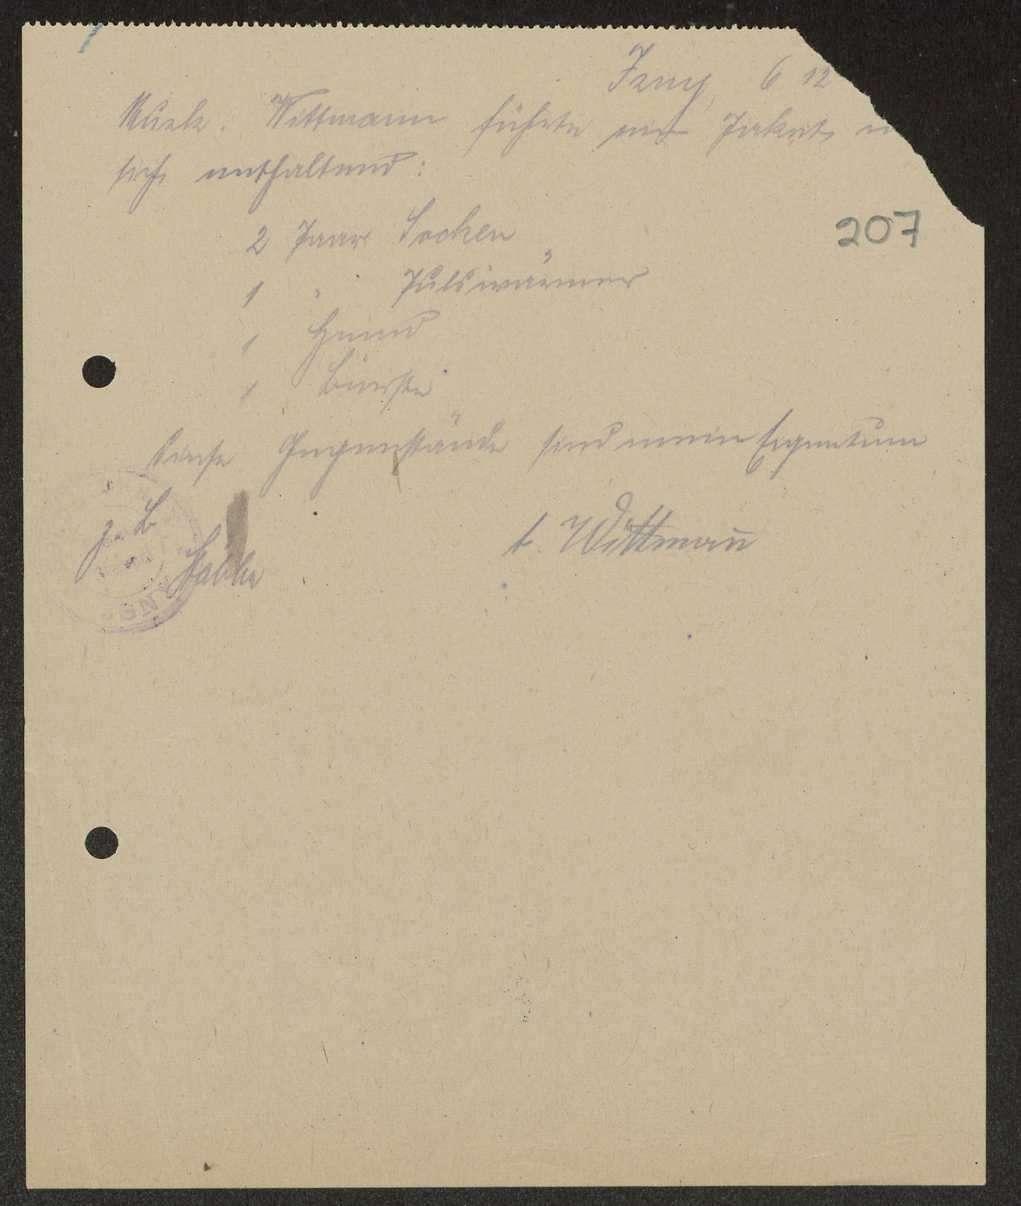 Beschlagnahme von Privateigentum durch Soldatenräte, Einzelfälle, Bild 1